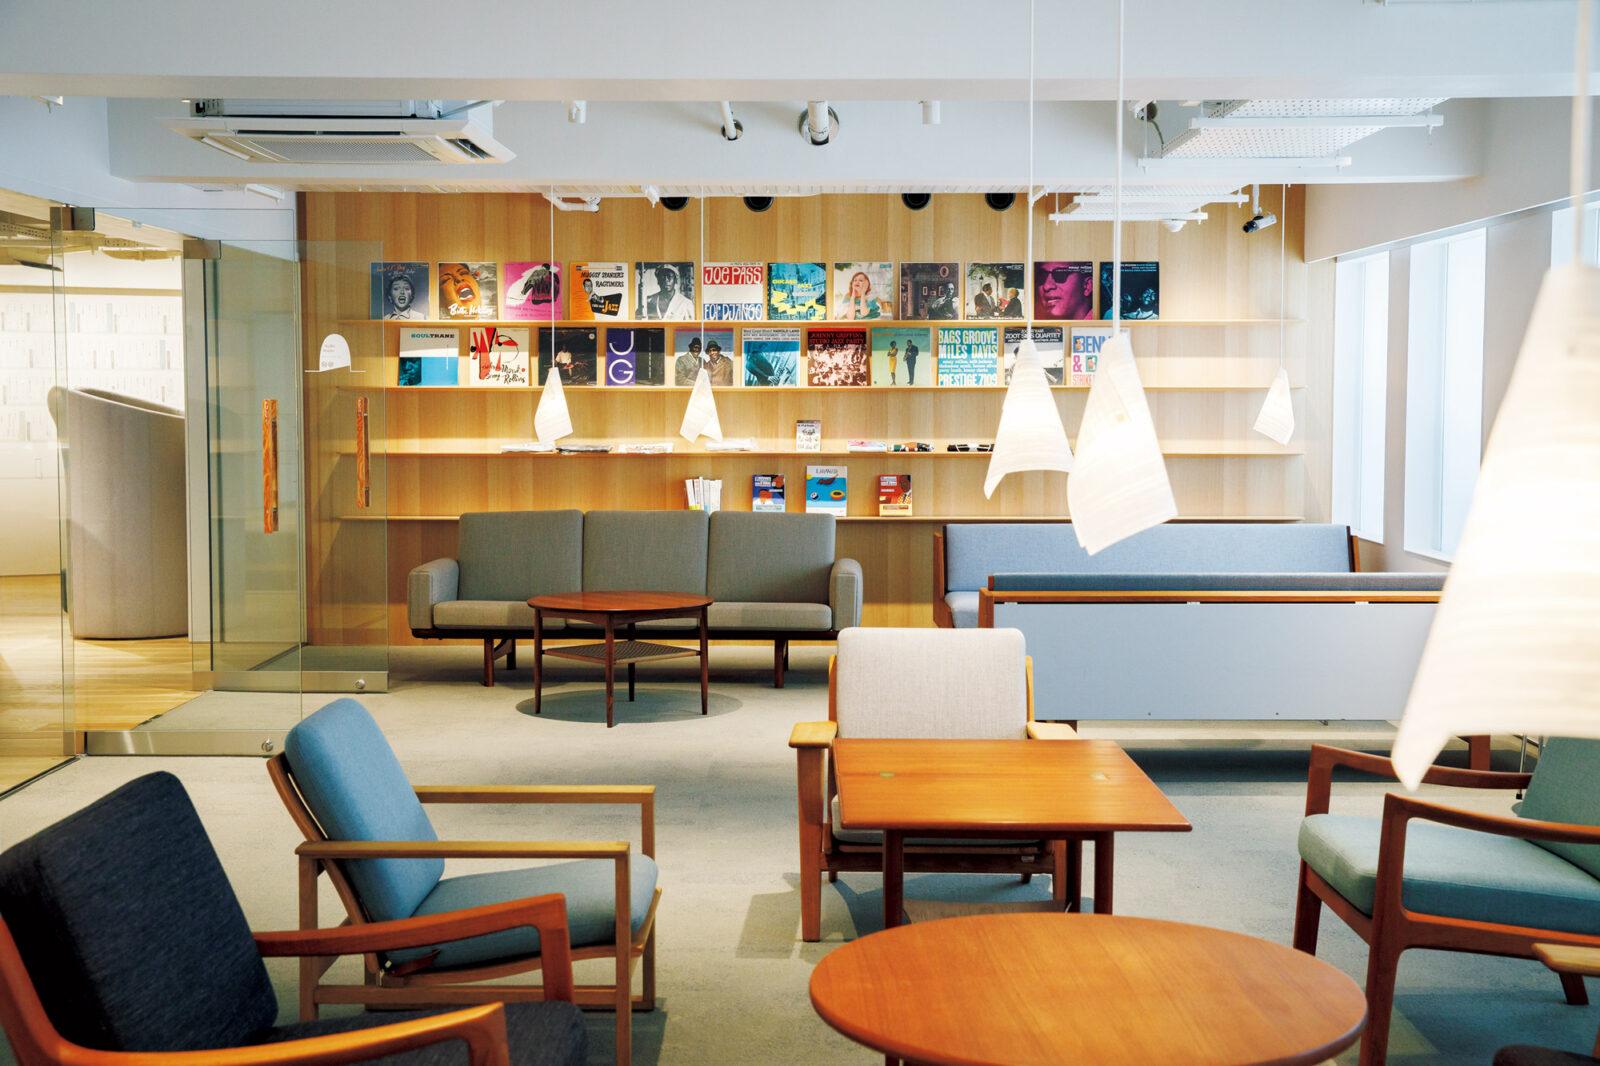 1階オーディオルーム。壁には村上さんが寄贈したレコードの一部が飾られる。置かれている家具はヴィンテージチェアが中心。